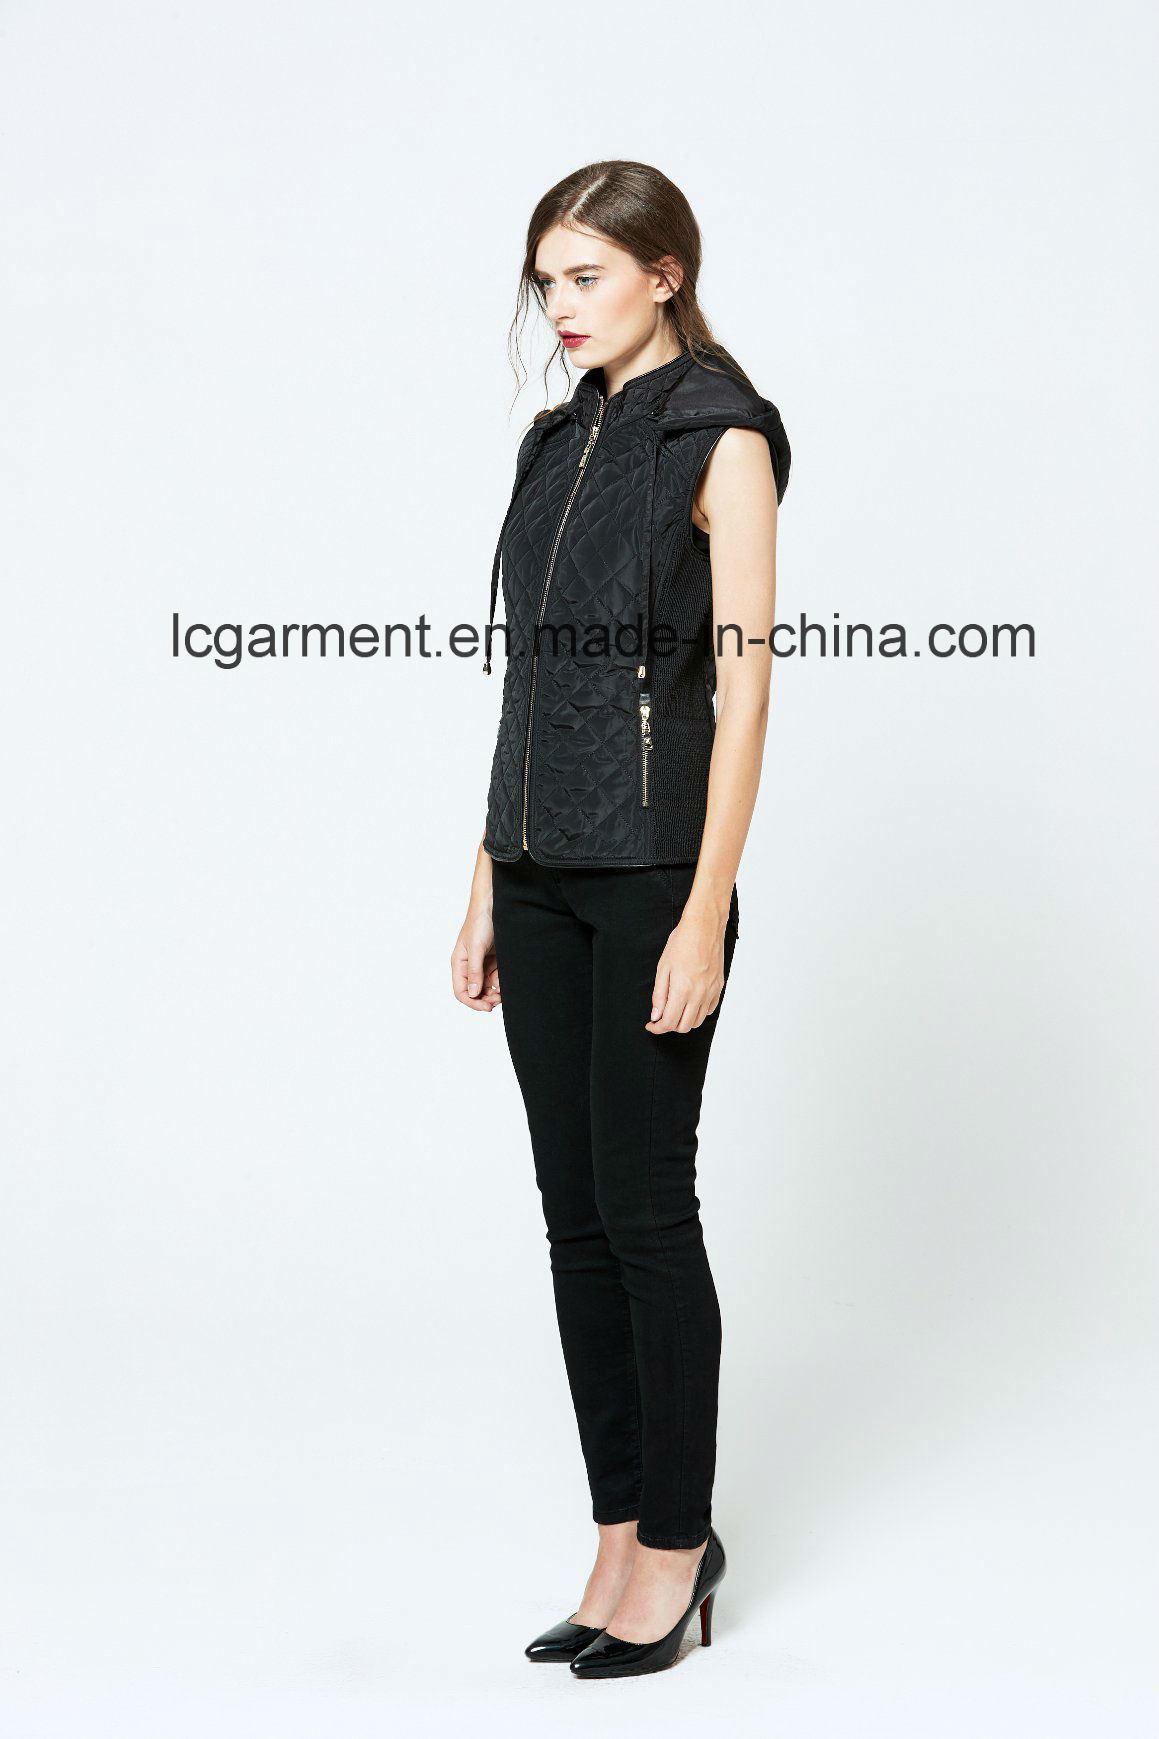 Hooded Winter Zipper Women Leather Vest Popular Design Women Waistcoat with Pockets